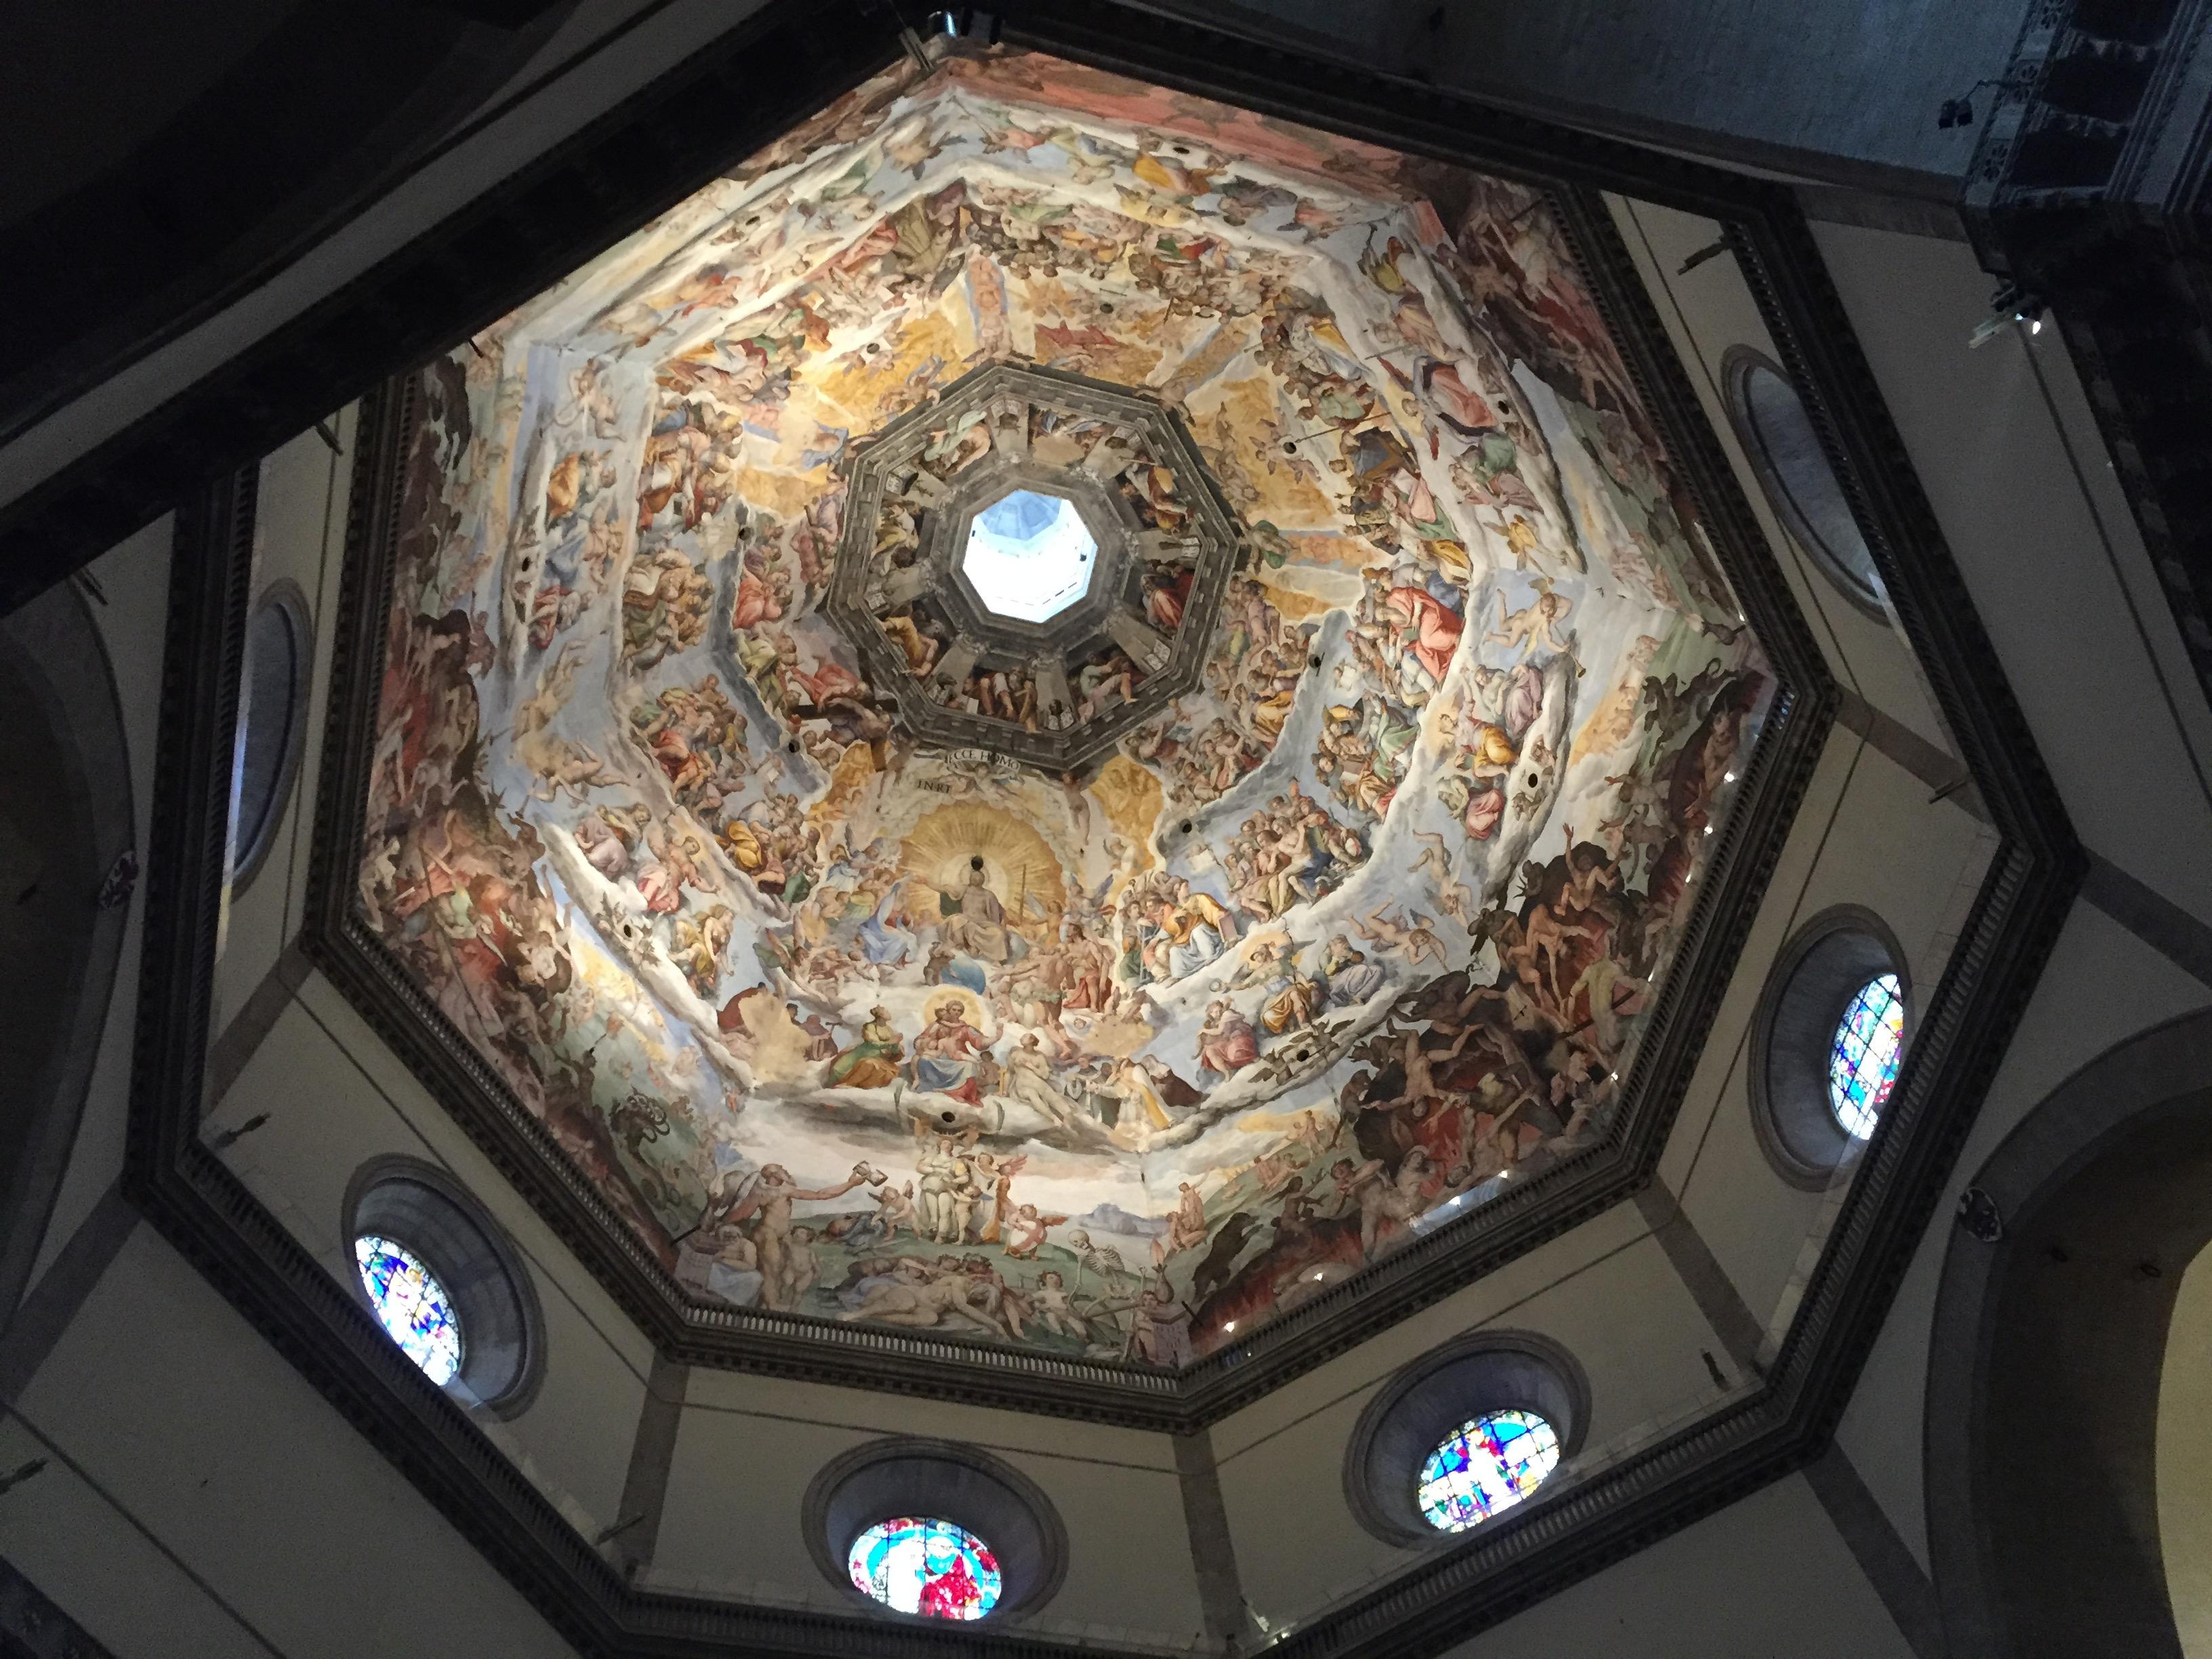 img 0857 - Visitando la Catedral Santa Maria del Fiore de Florencia III/III